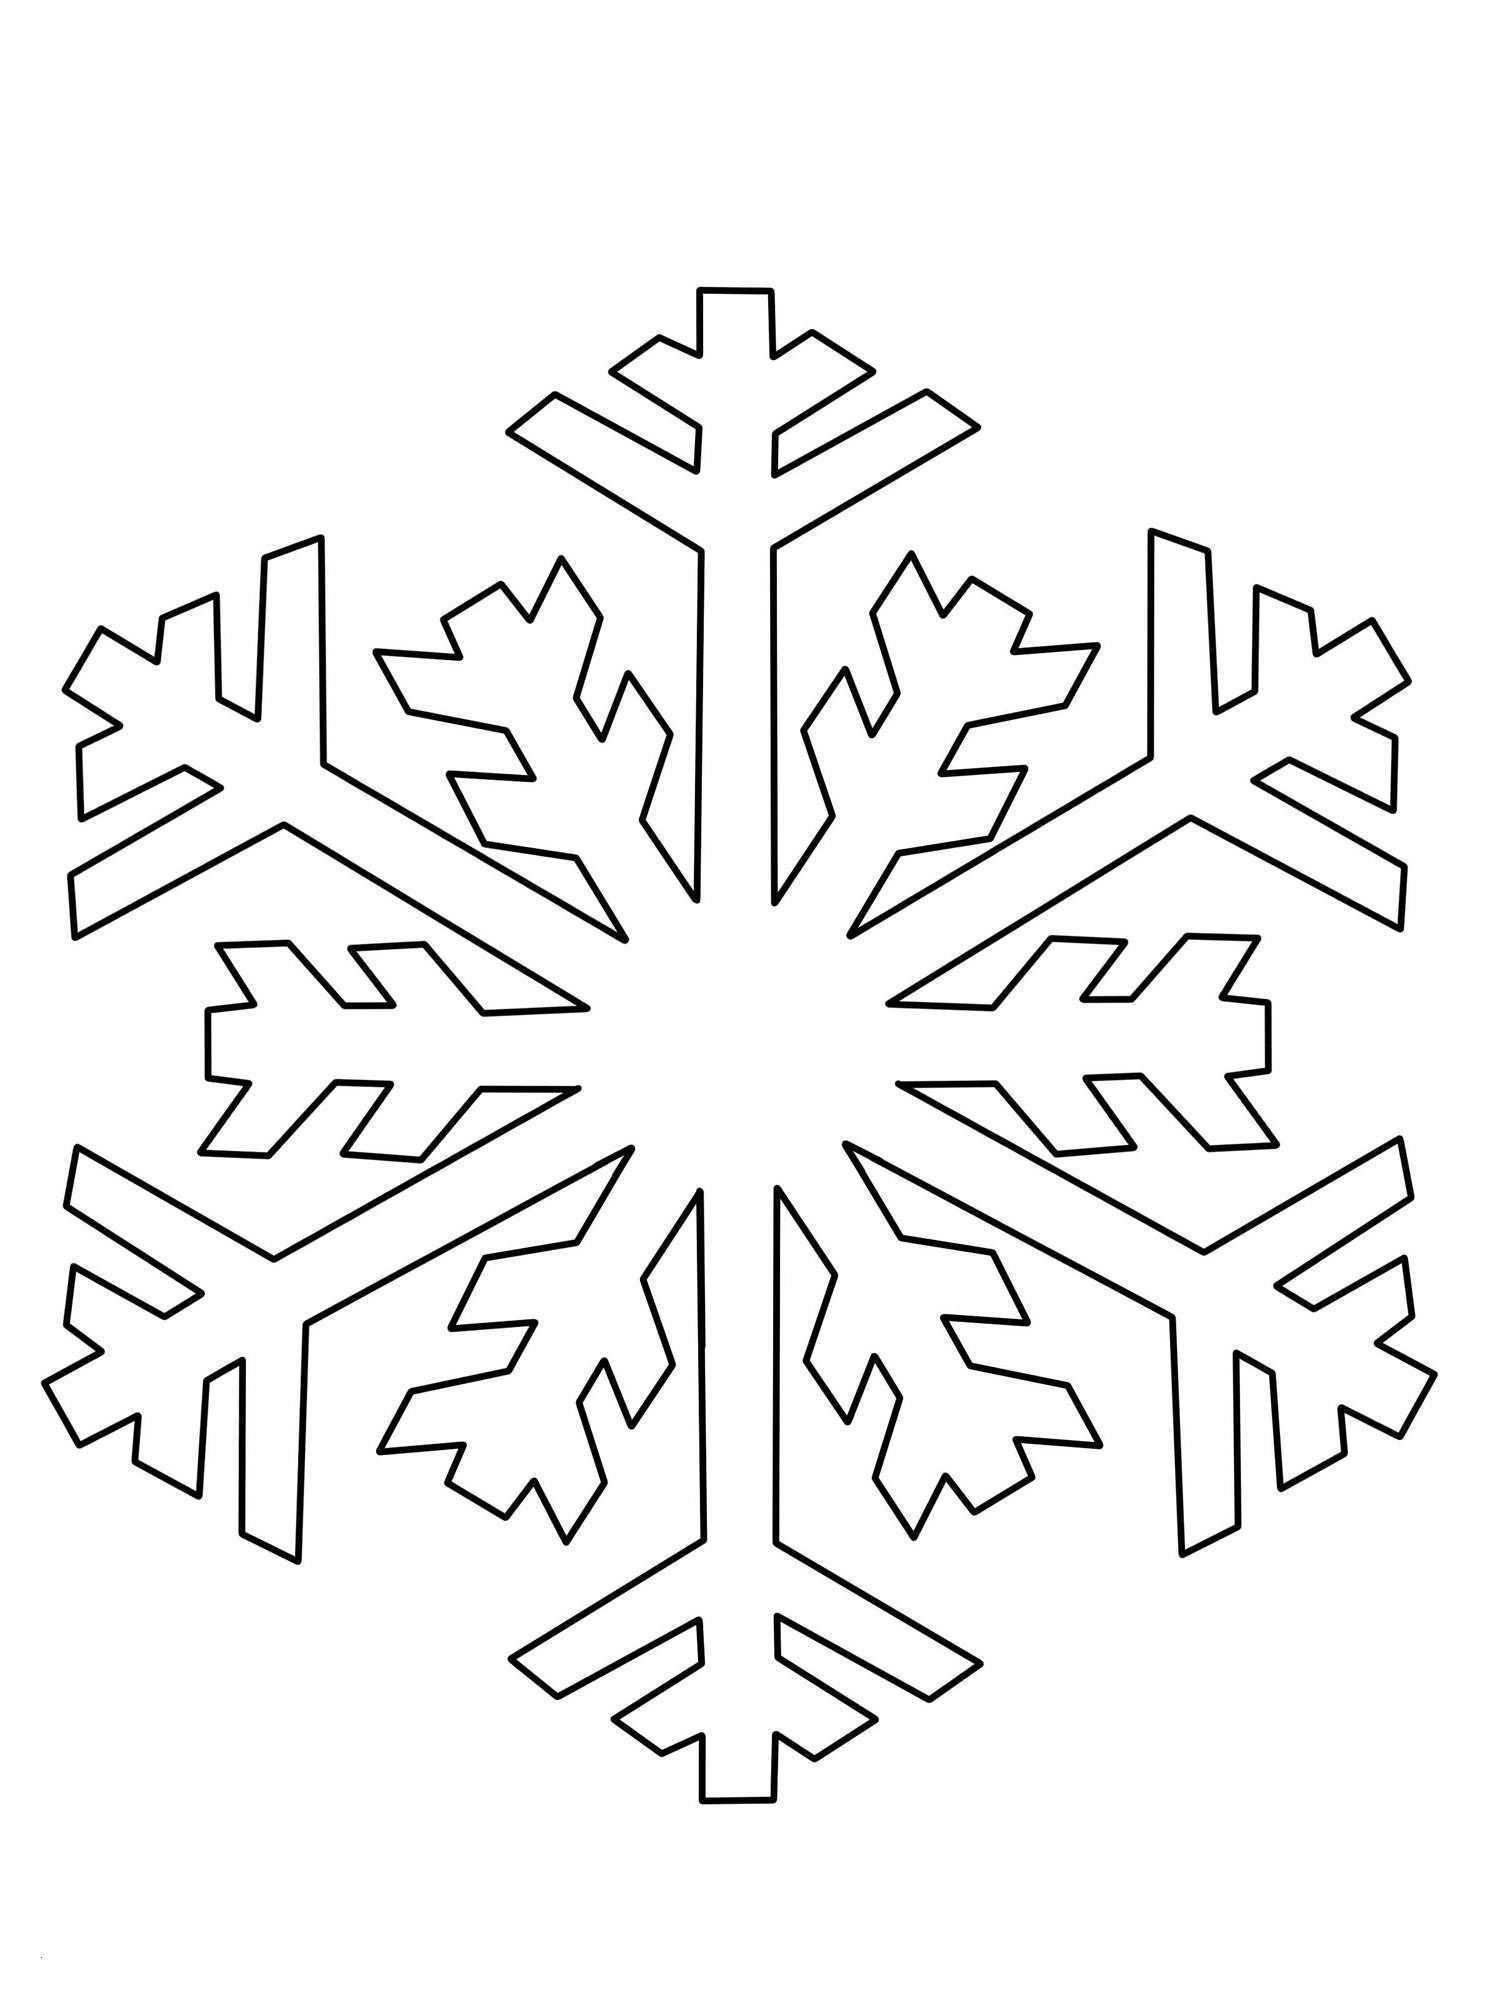 Kostenlose Malvorlage Schneeflocken Und Sterne Schneeflocke Neu Ausmalbilder Weihnach Schneeflocke Schablone Schablonen Zum Ausdrucken Ausmalbilder Weihnachten